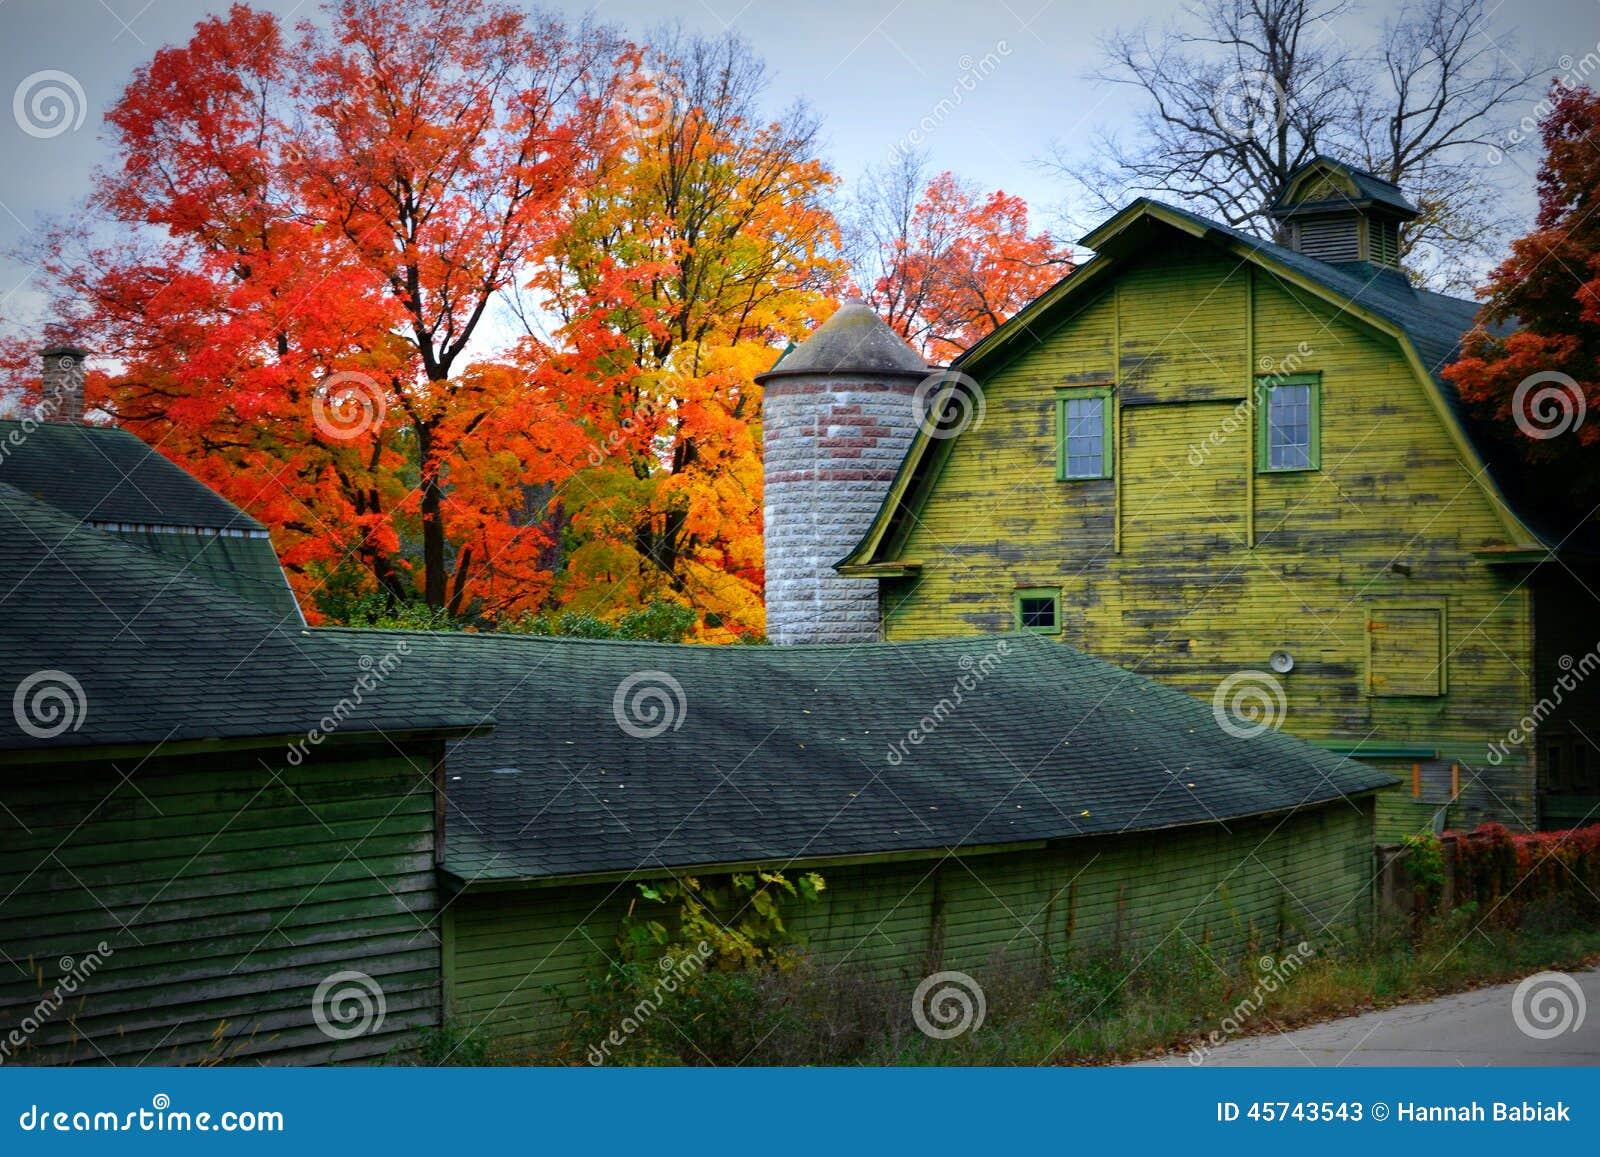 Barn Fall Colors